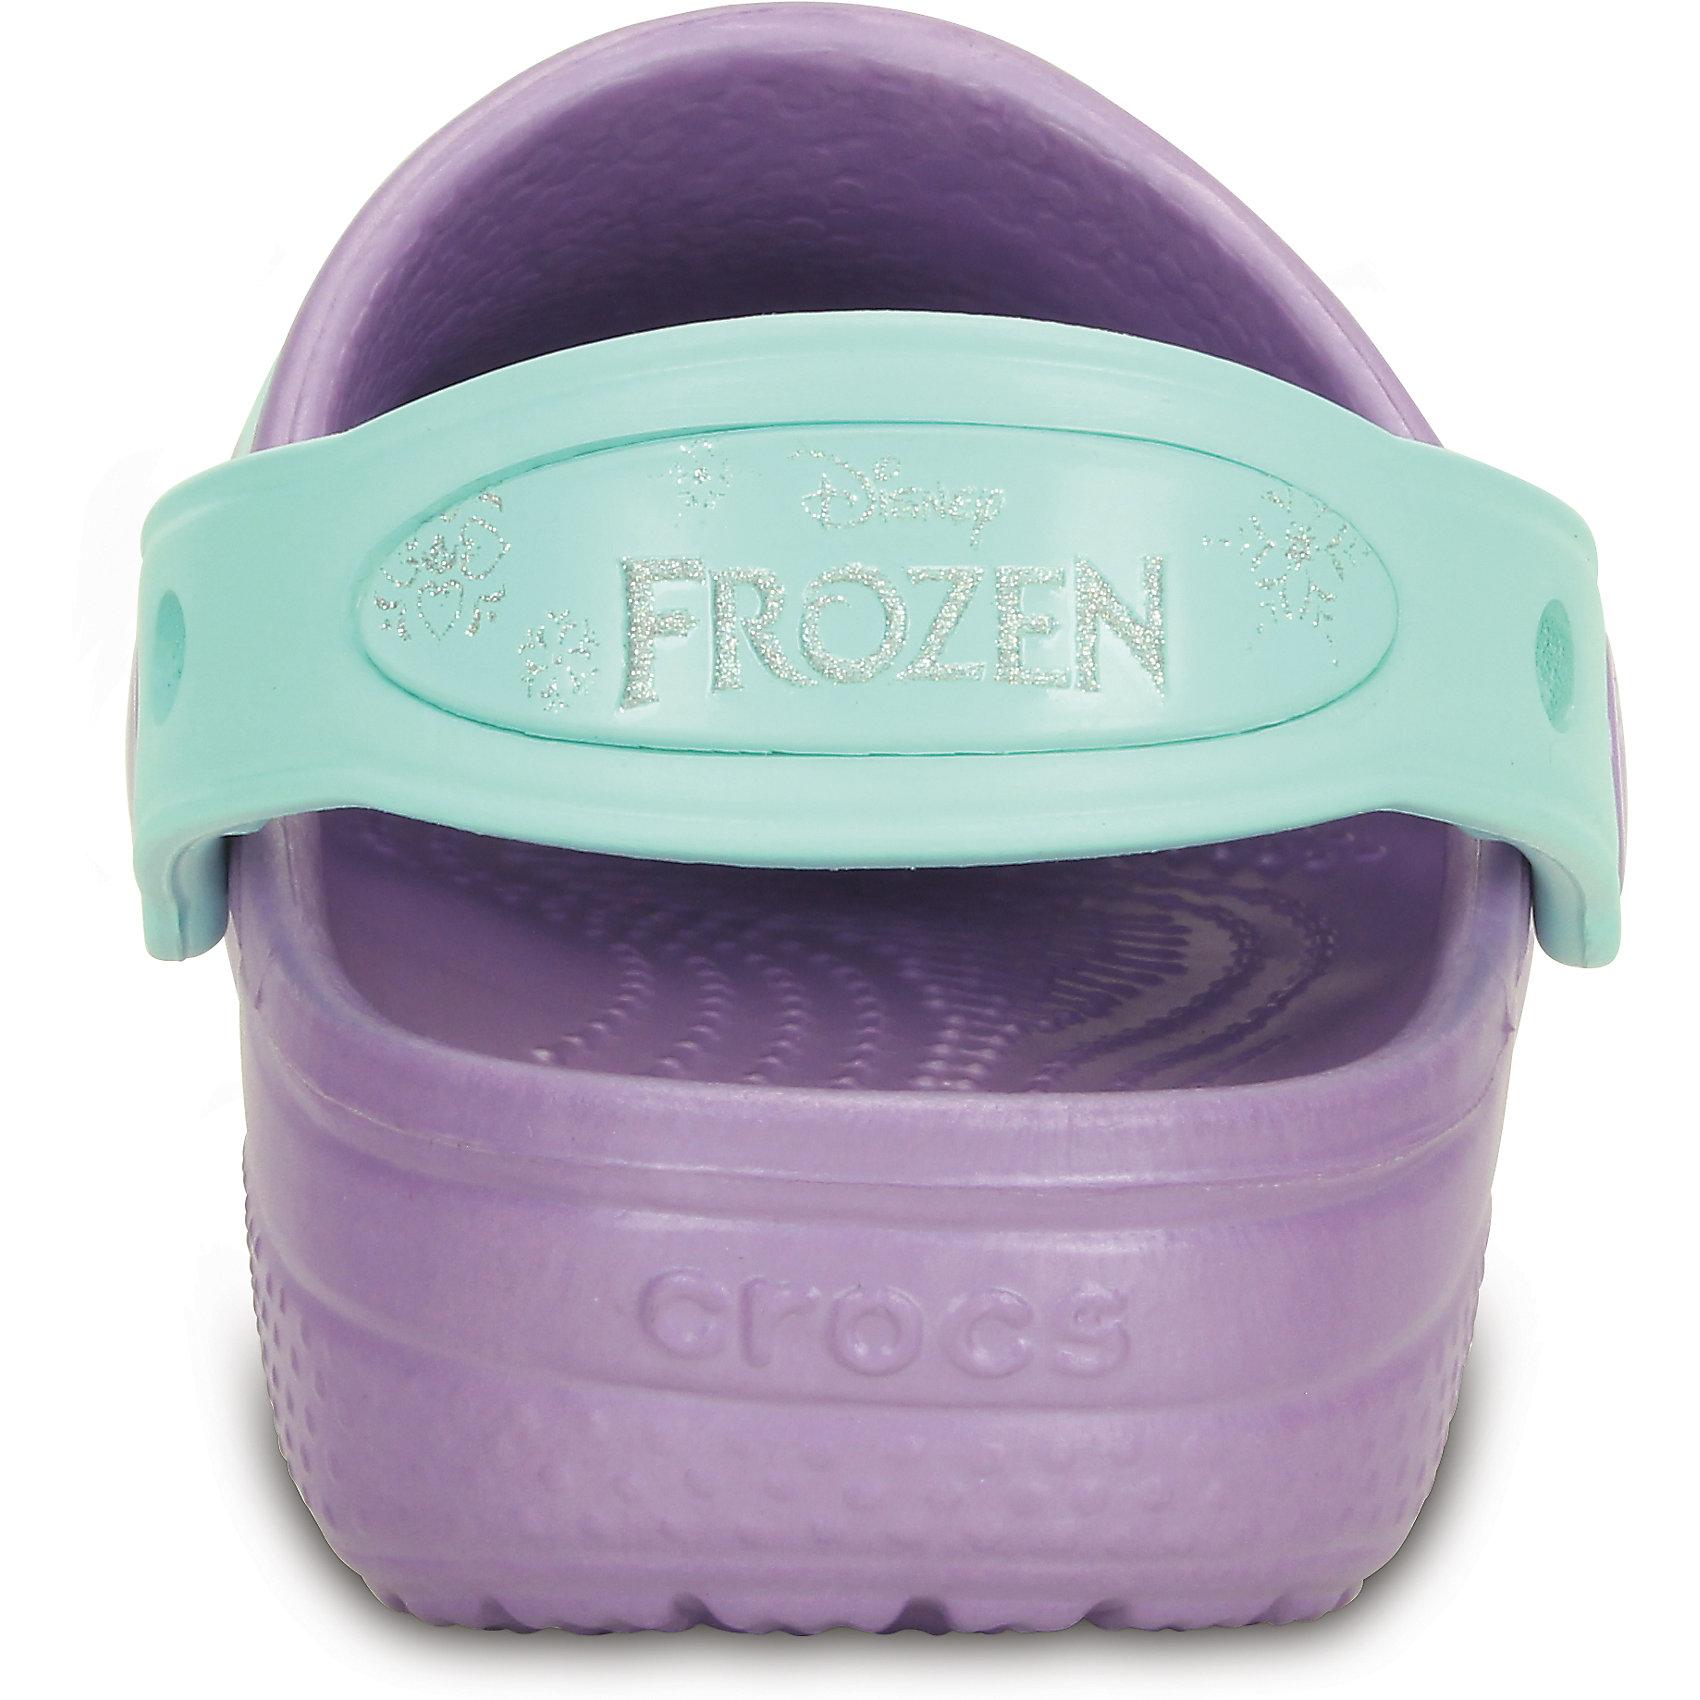 Сабо Girls' Creative Crocs Frozen Clog CROCS от myToys